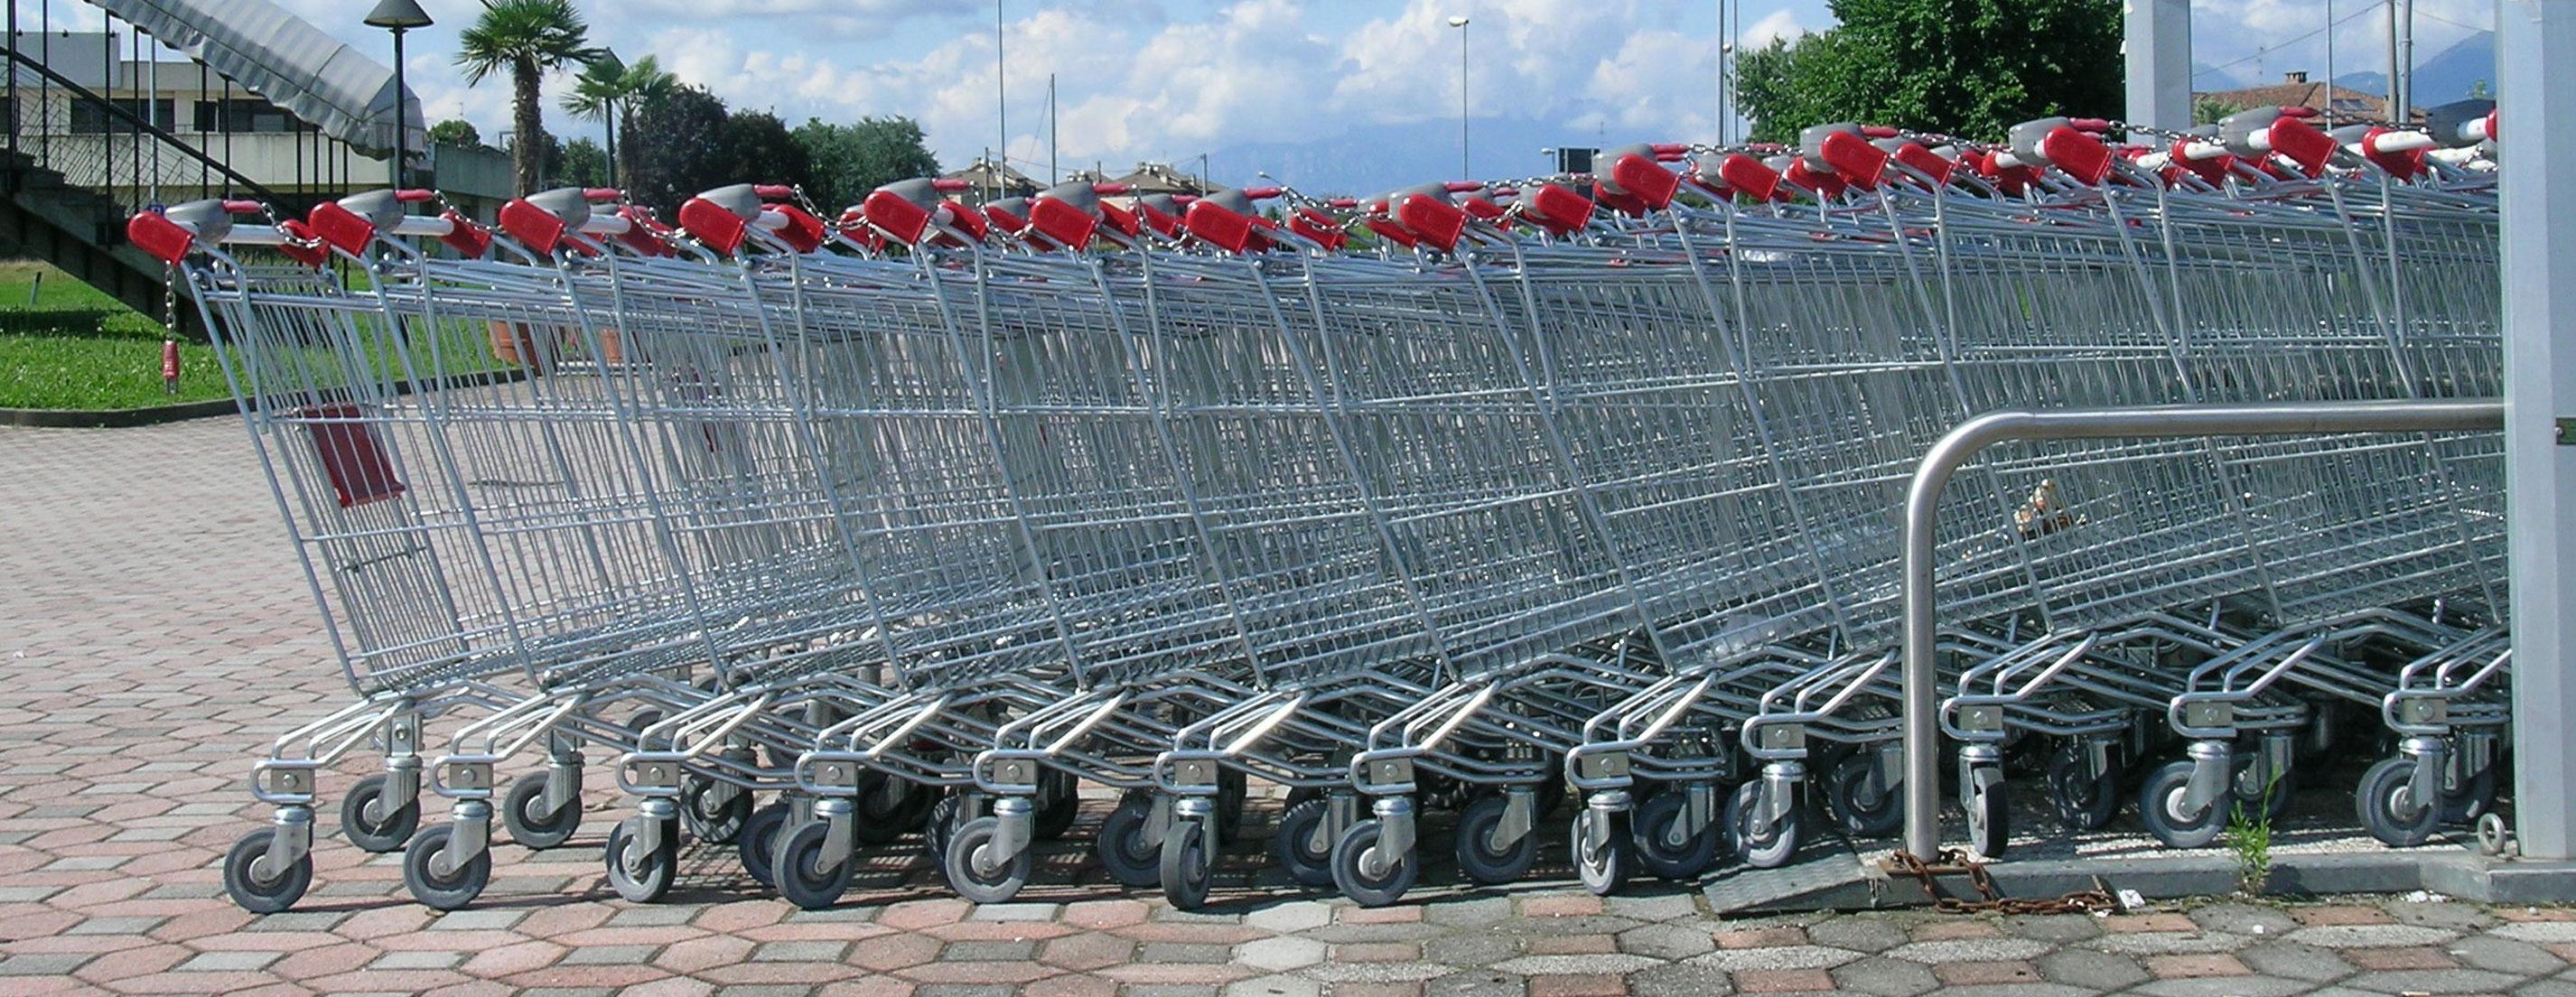 Garanzia del venditore: accettati gli impegni di 7 grandi catene di distribuzione